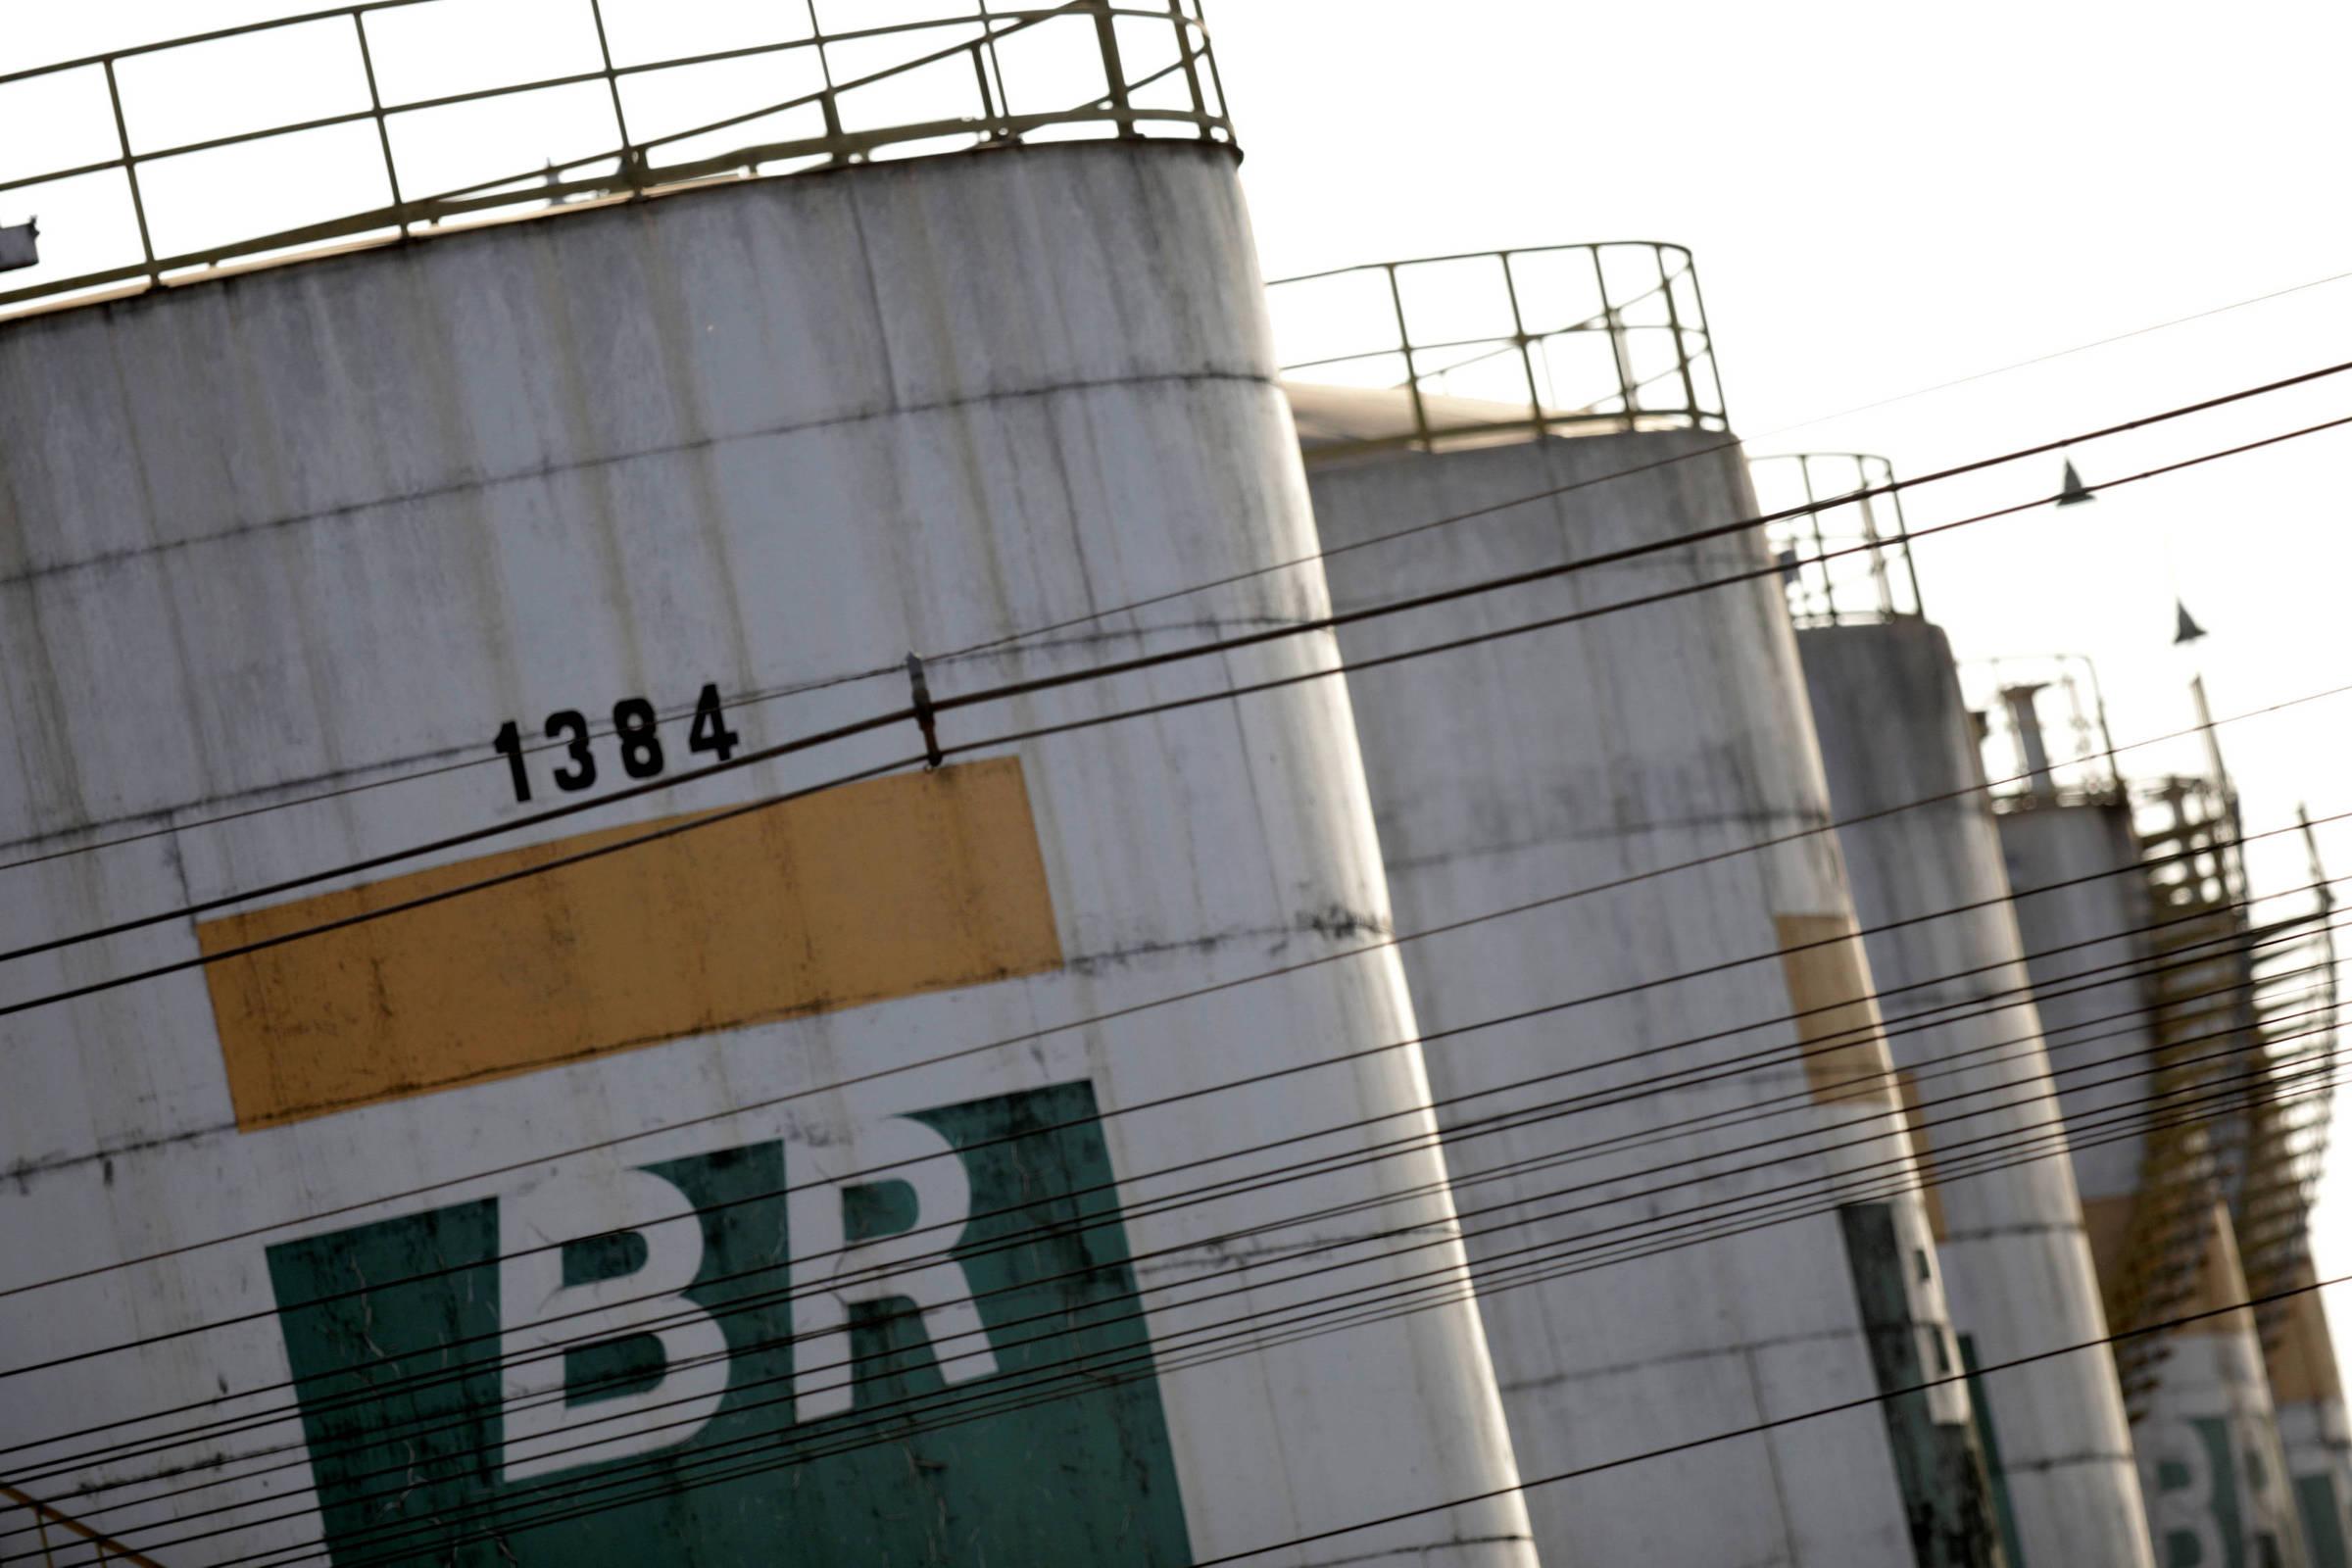 Petrobras registra lucro de quase R$ 7 bilhões e volta a pagar dividendos